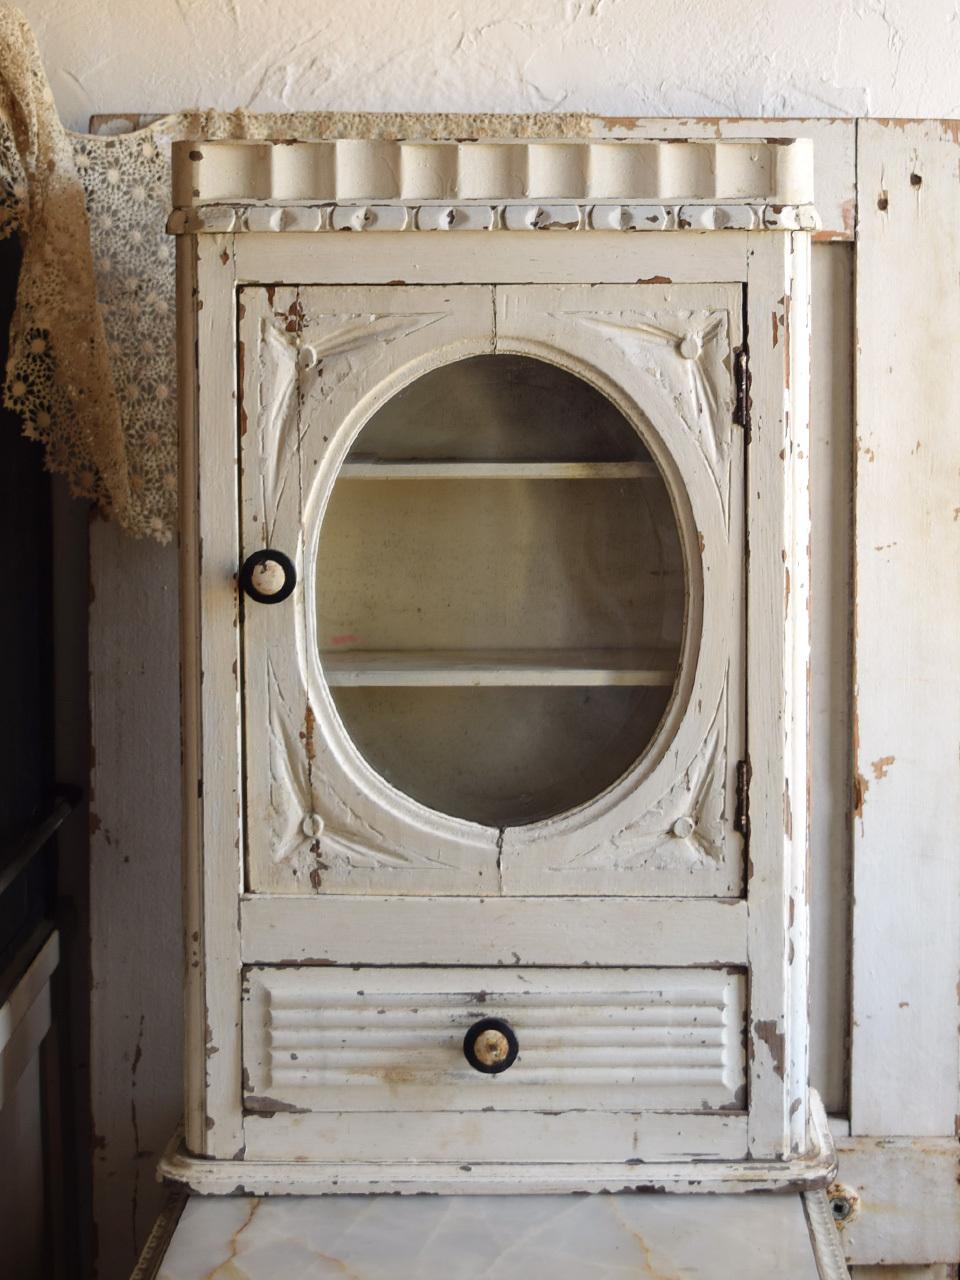 壁付 丸形ガラスキャビネット オフホワイト シャビー 収納棚